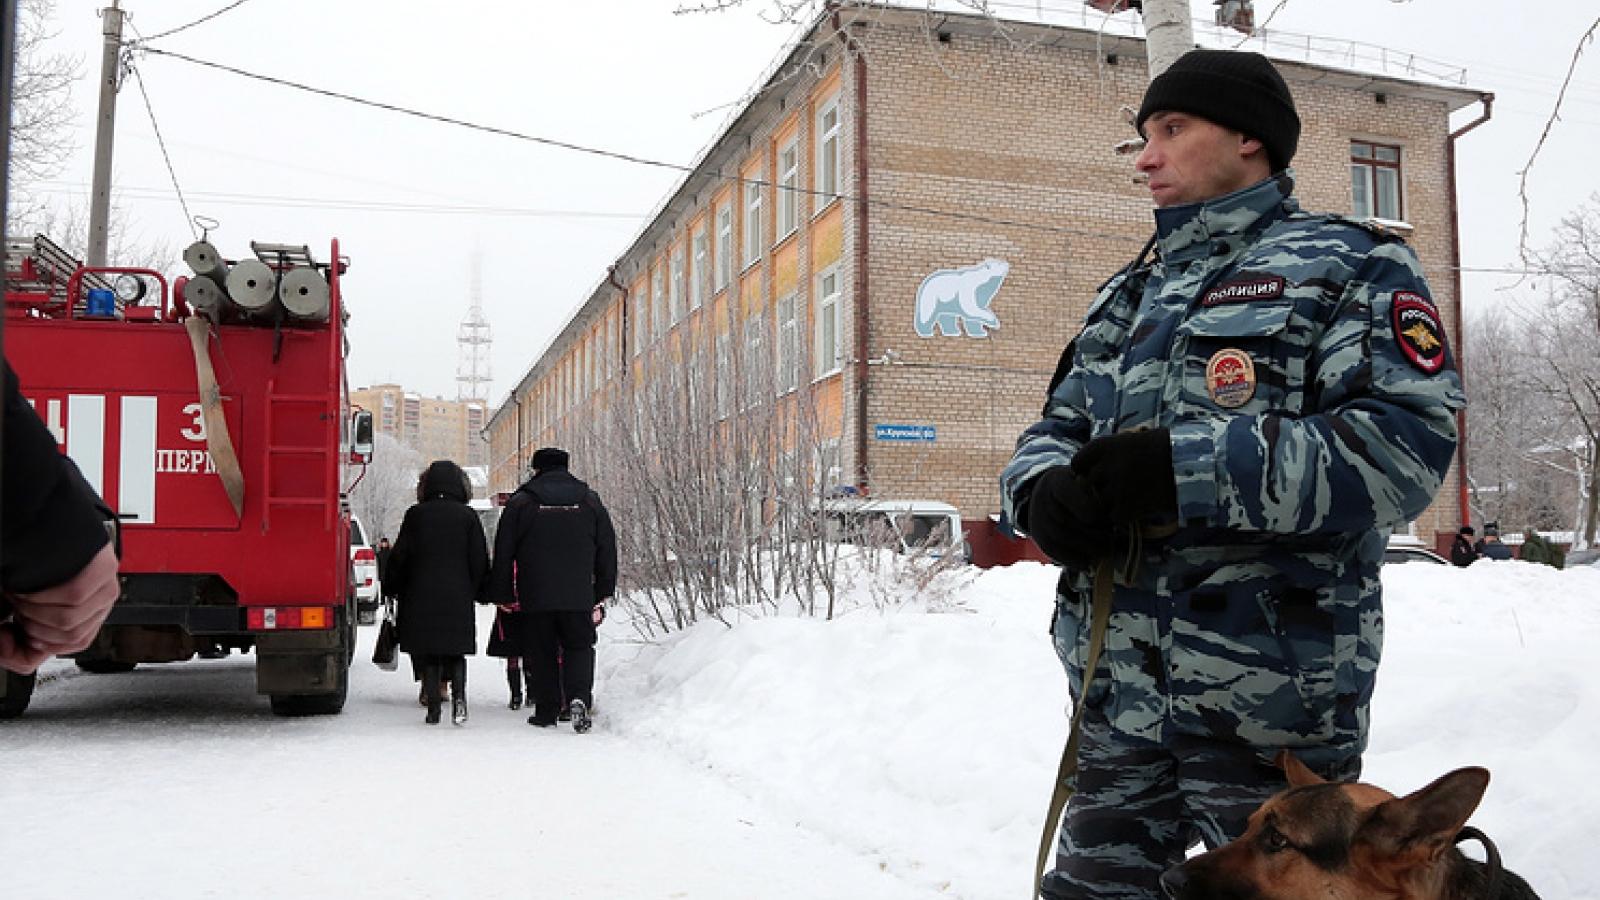 Nga sơ tán khẩn cấp 70 trường học bị đe dọa đánh bom